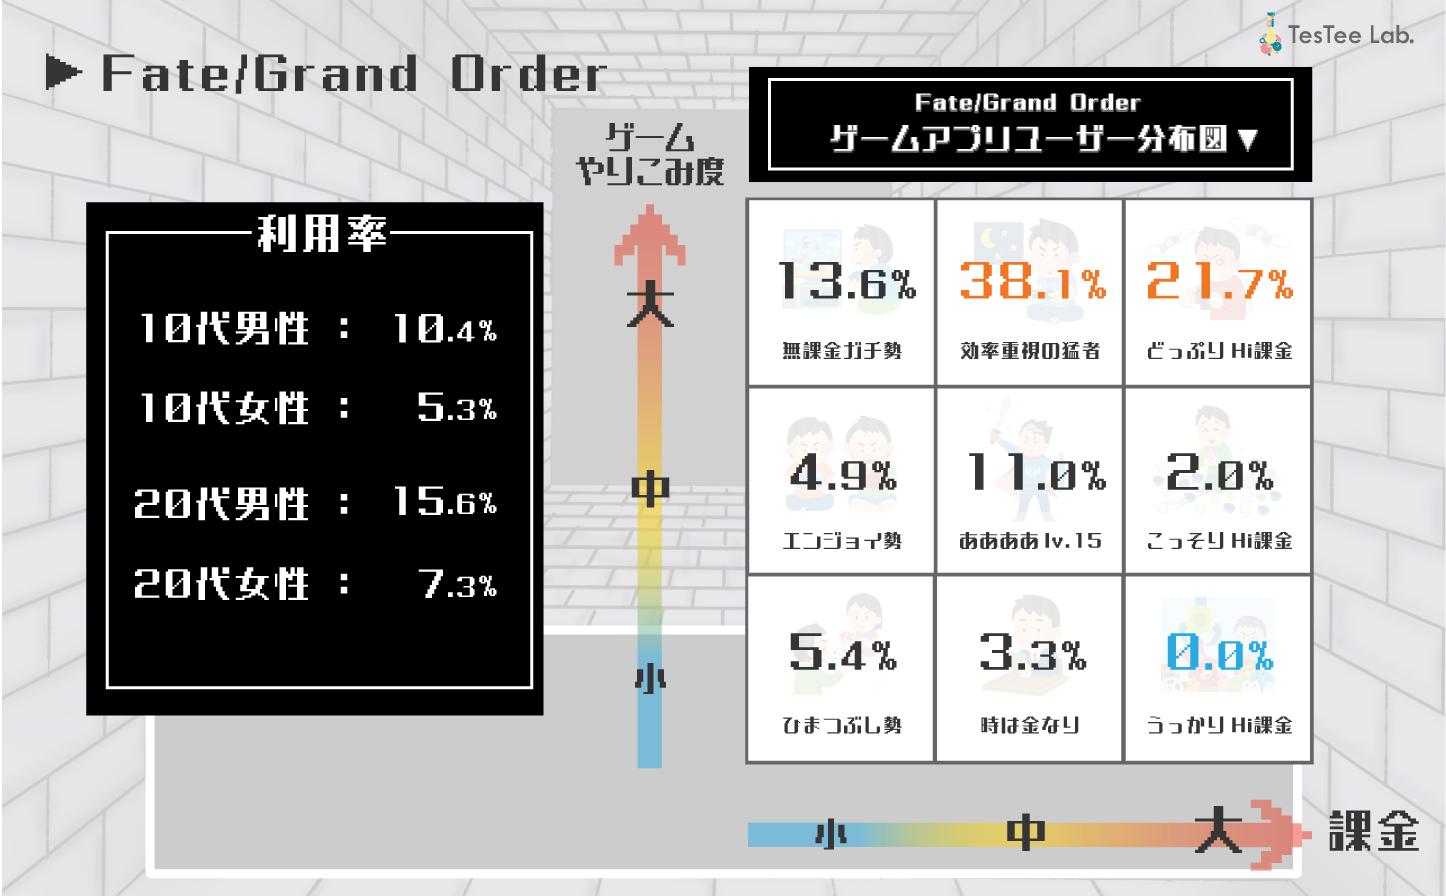 10代20代Fate/Grand Order利用者ゲームアプリユーザーマップ画像